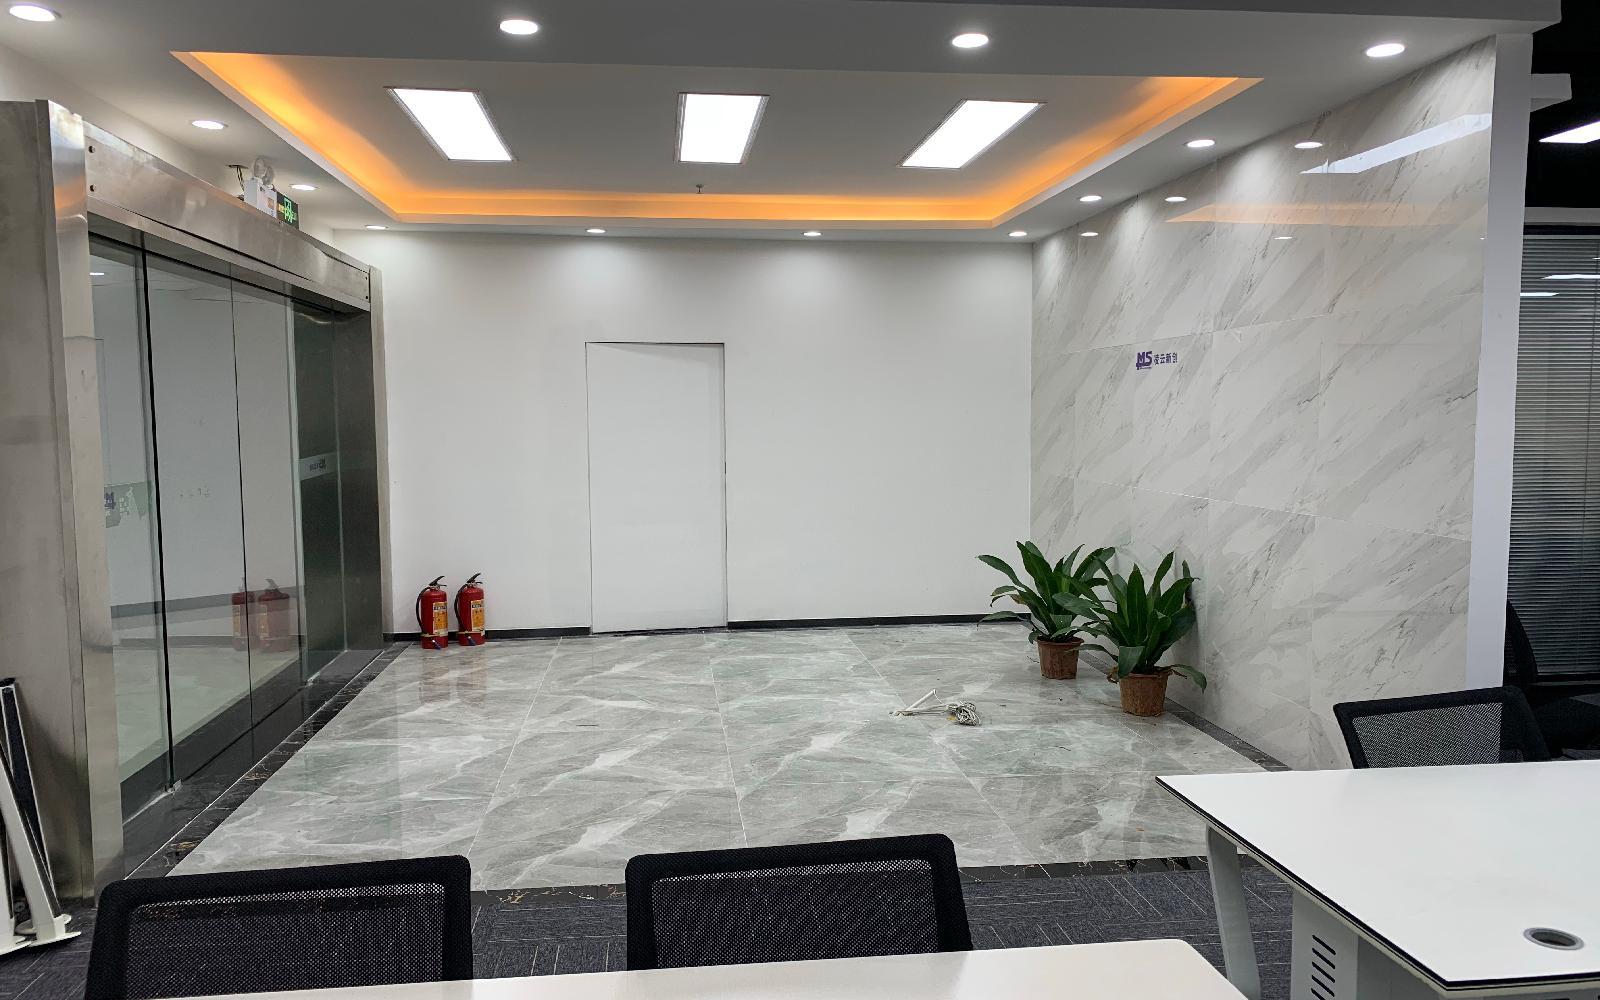 南山-科技园 长虹科技大厦 228m²